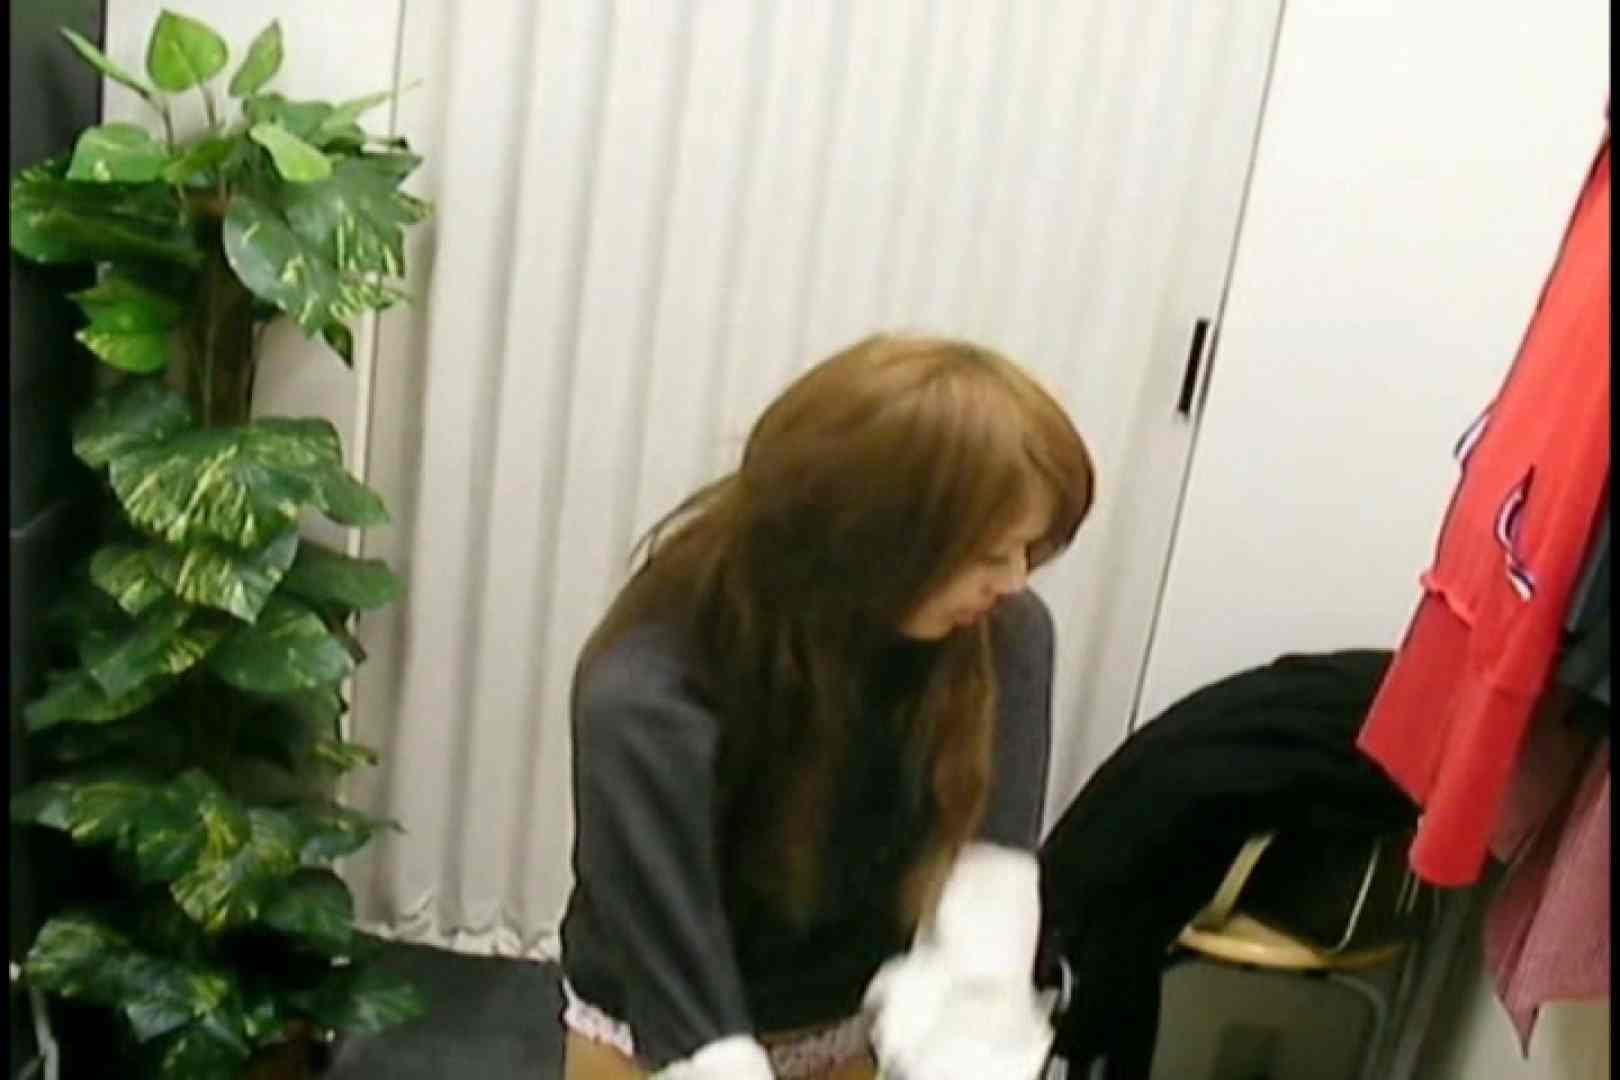 素人撮影 下着だけの撮影のはずが・・・ ゆな20歳 超エロお姉さん われめAV動画紹介 59枚 4